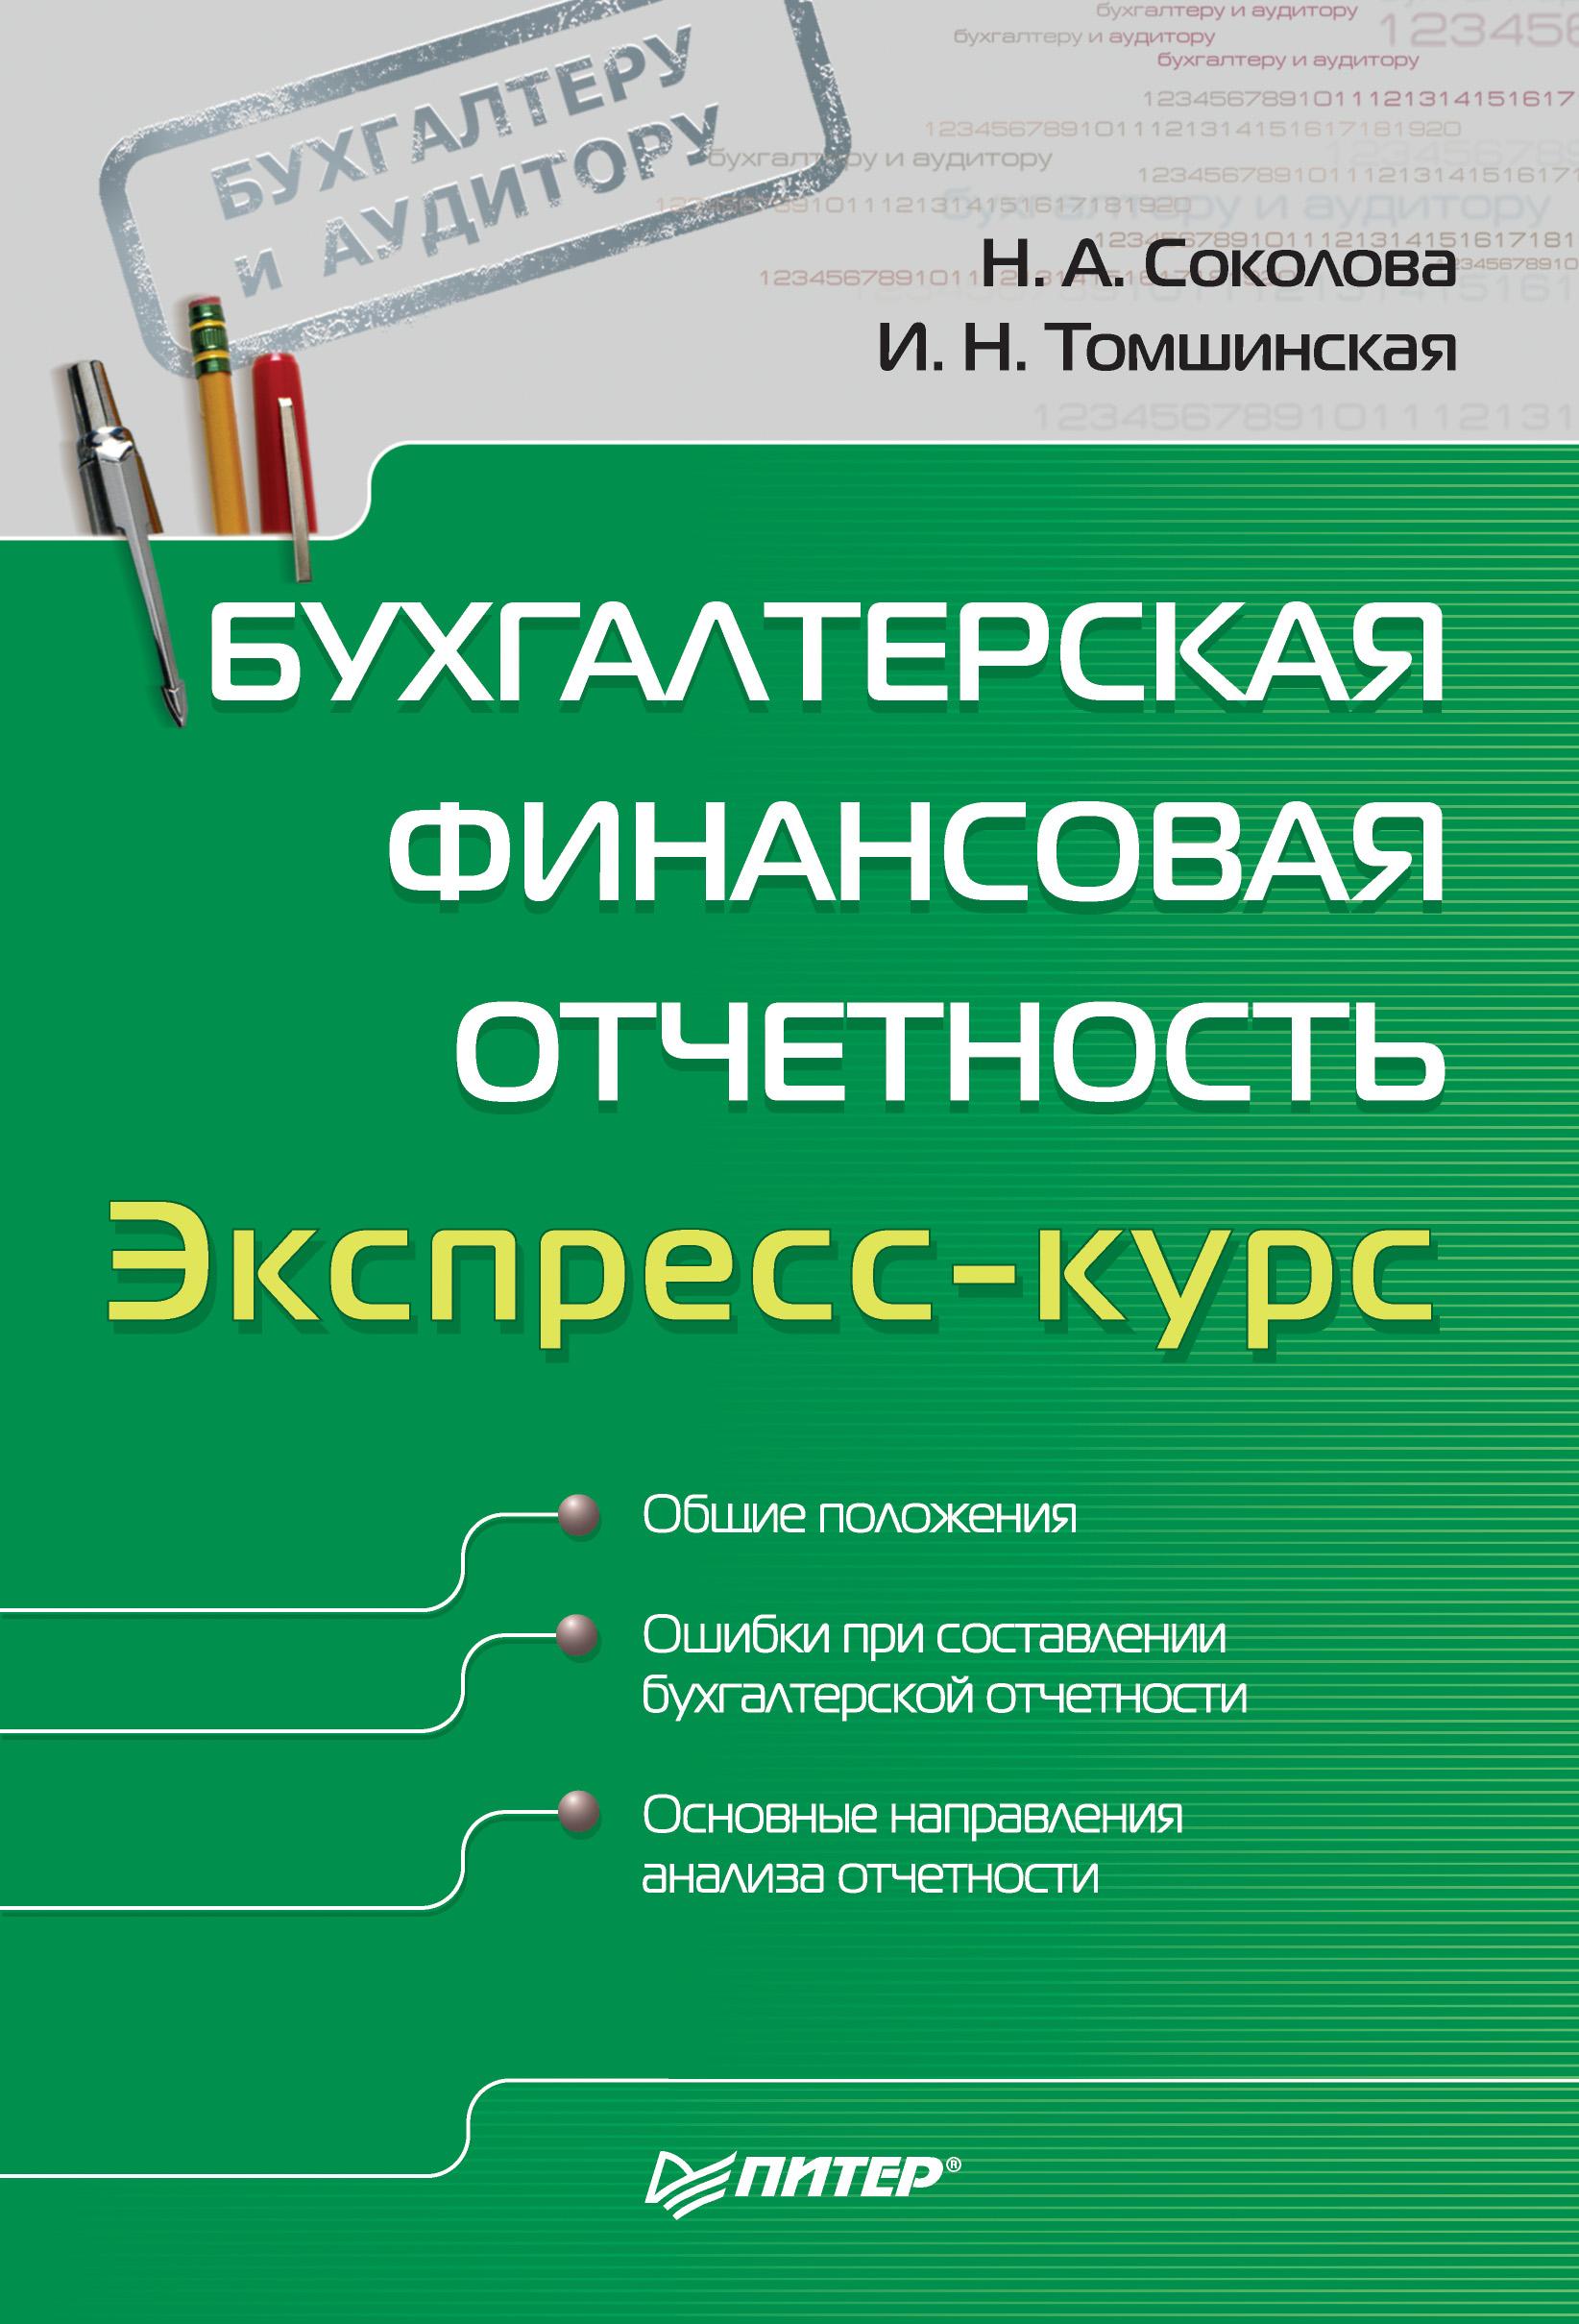 И. Н. Томшинская Бухгалтерская финансовая отчетность. Экспресс-курс